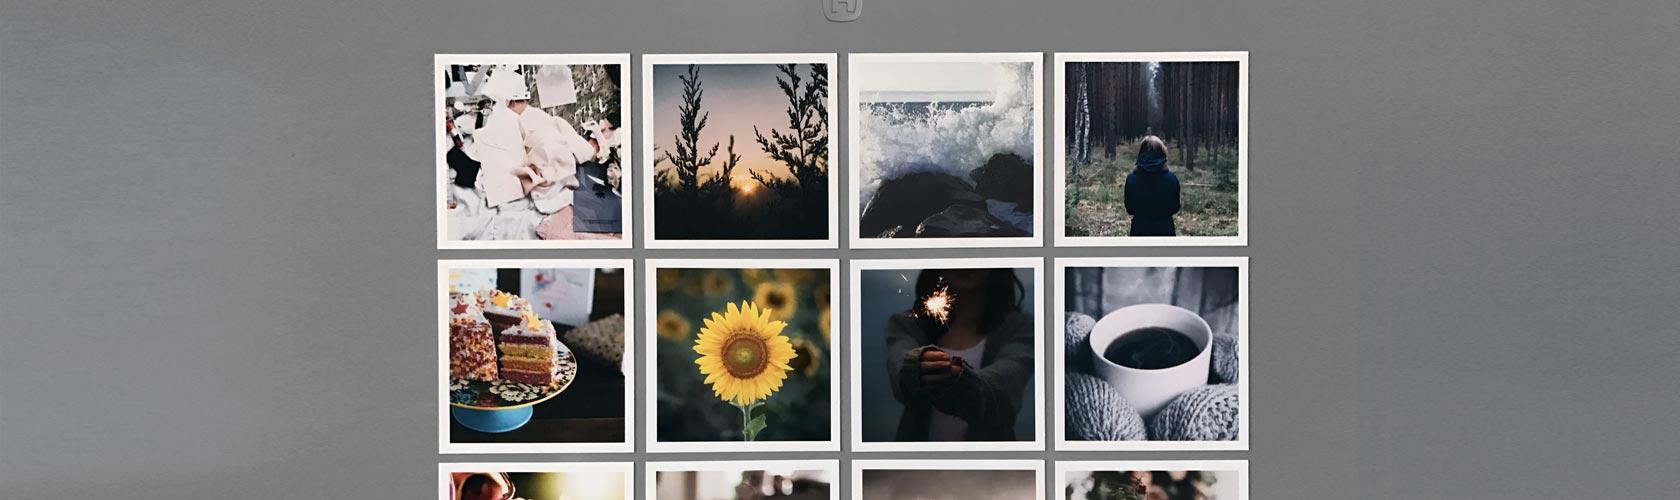 instagram-magneter